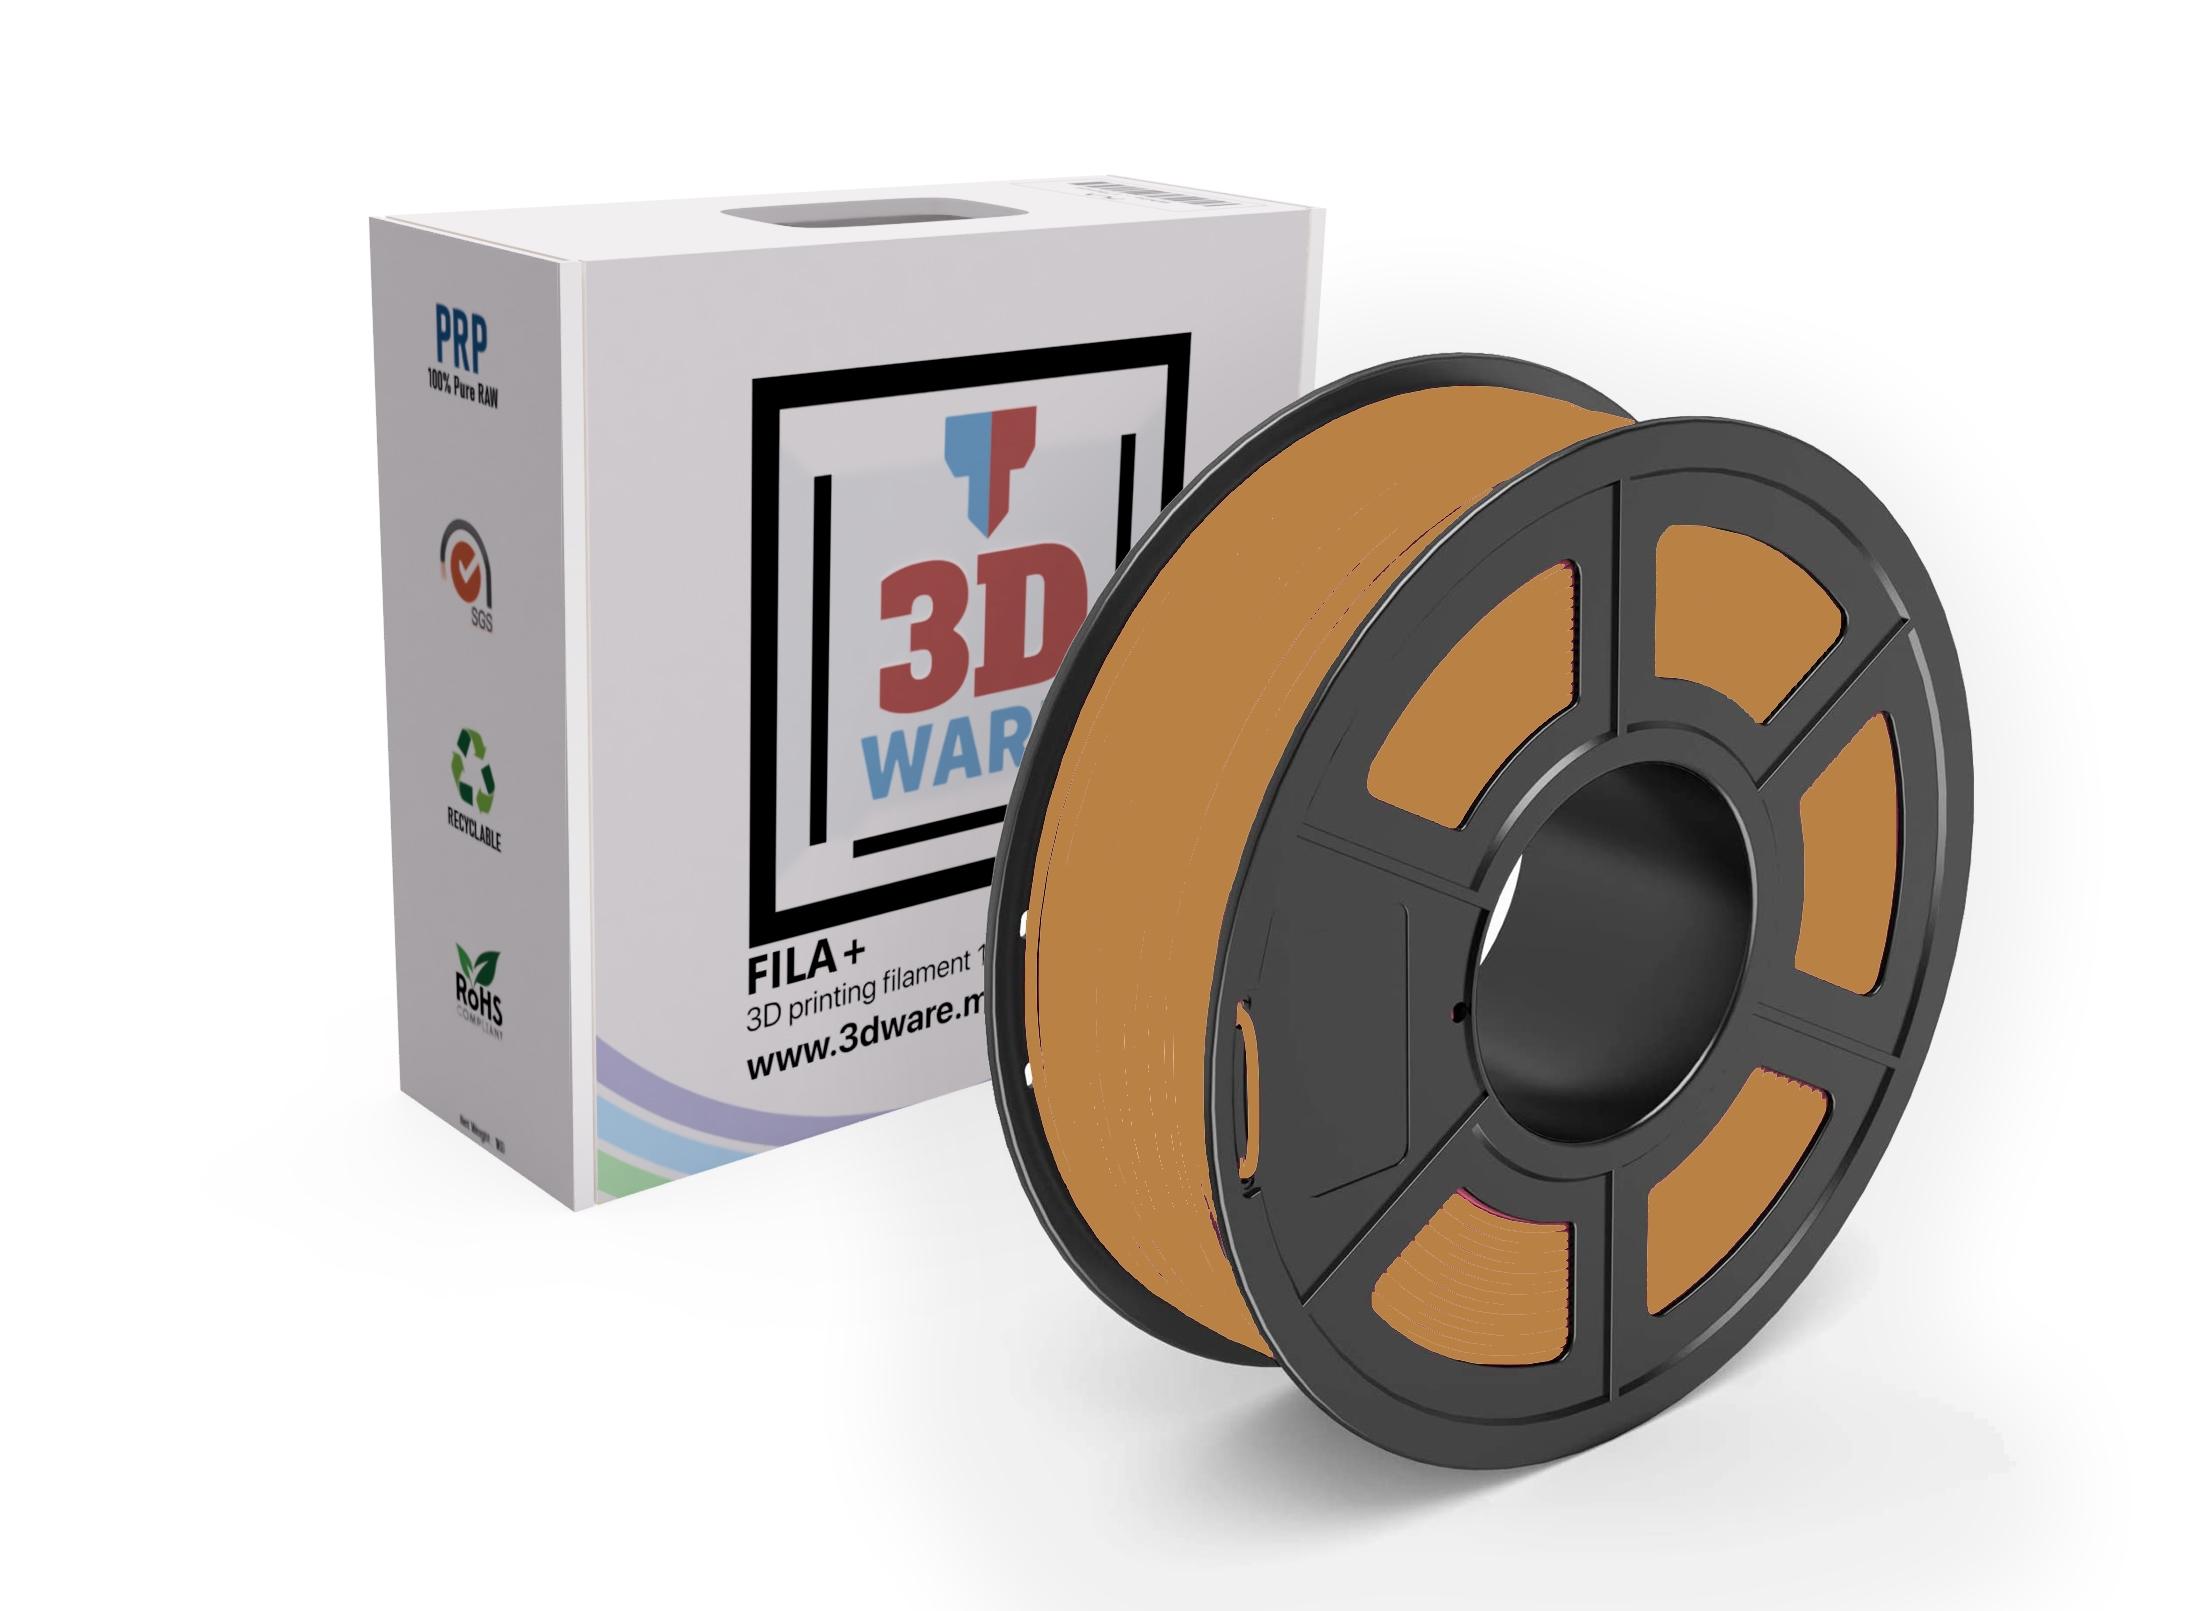 Filament 3D PLA FILA+ Standard Golden 1.75mm 1kg